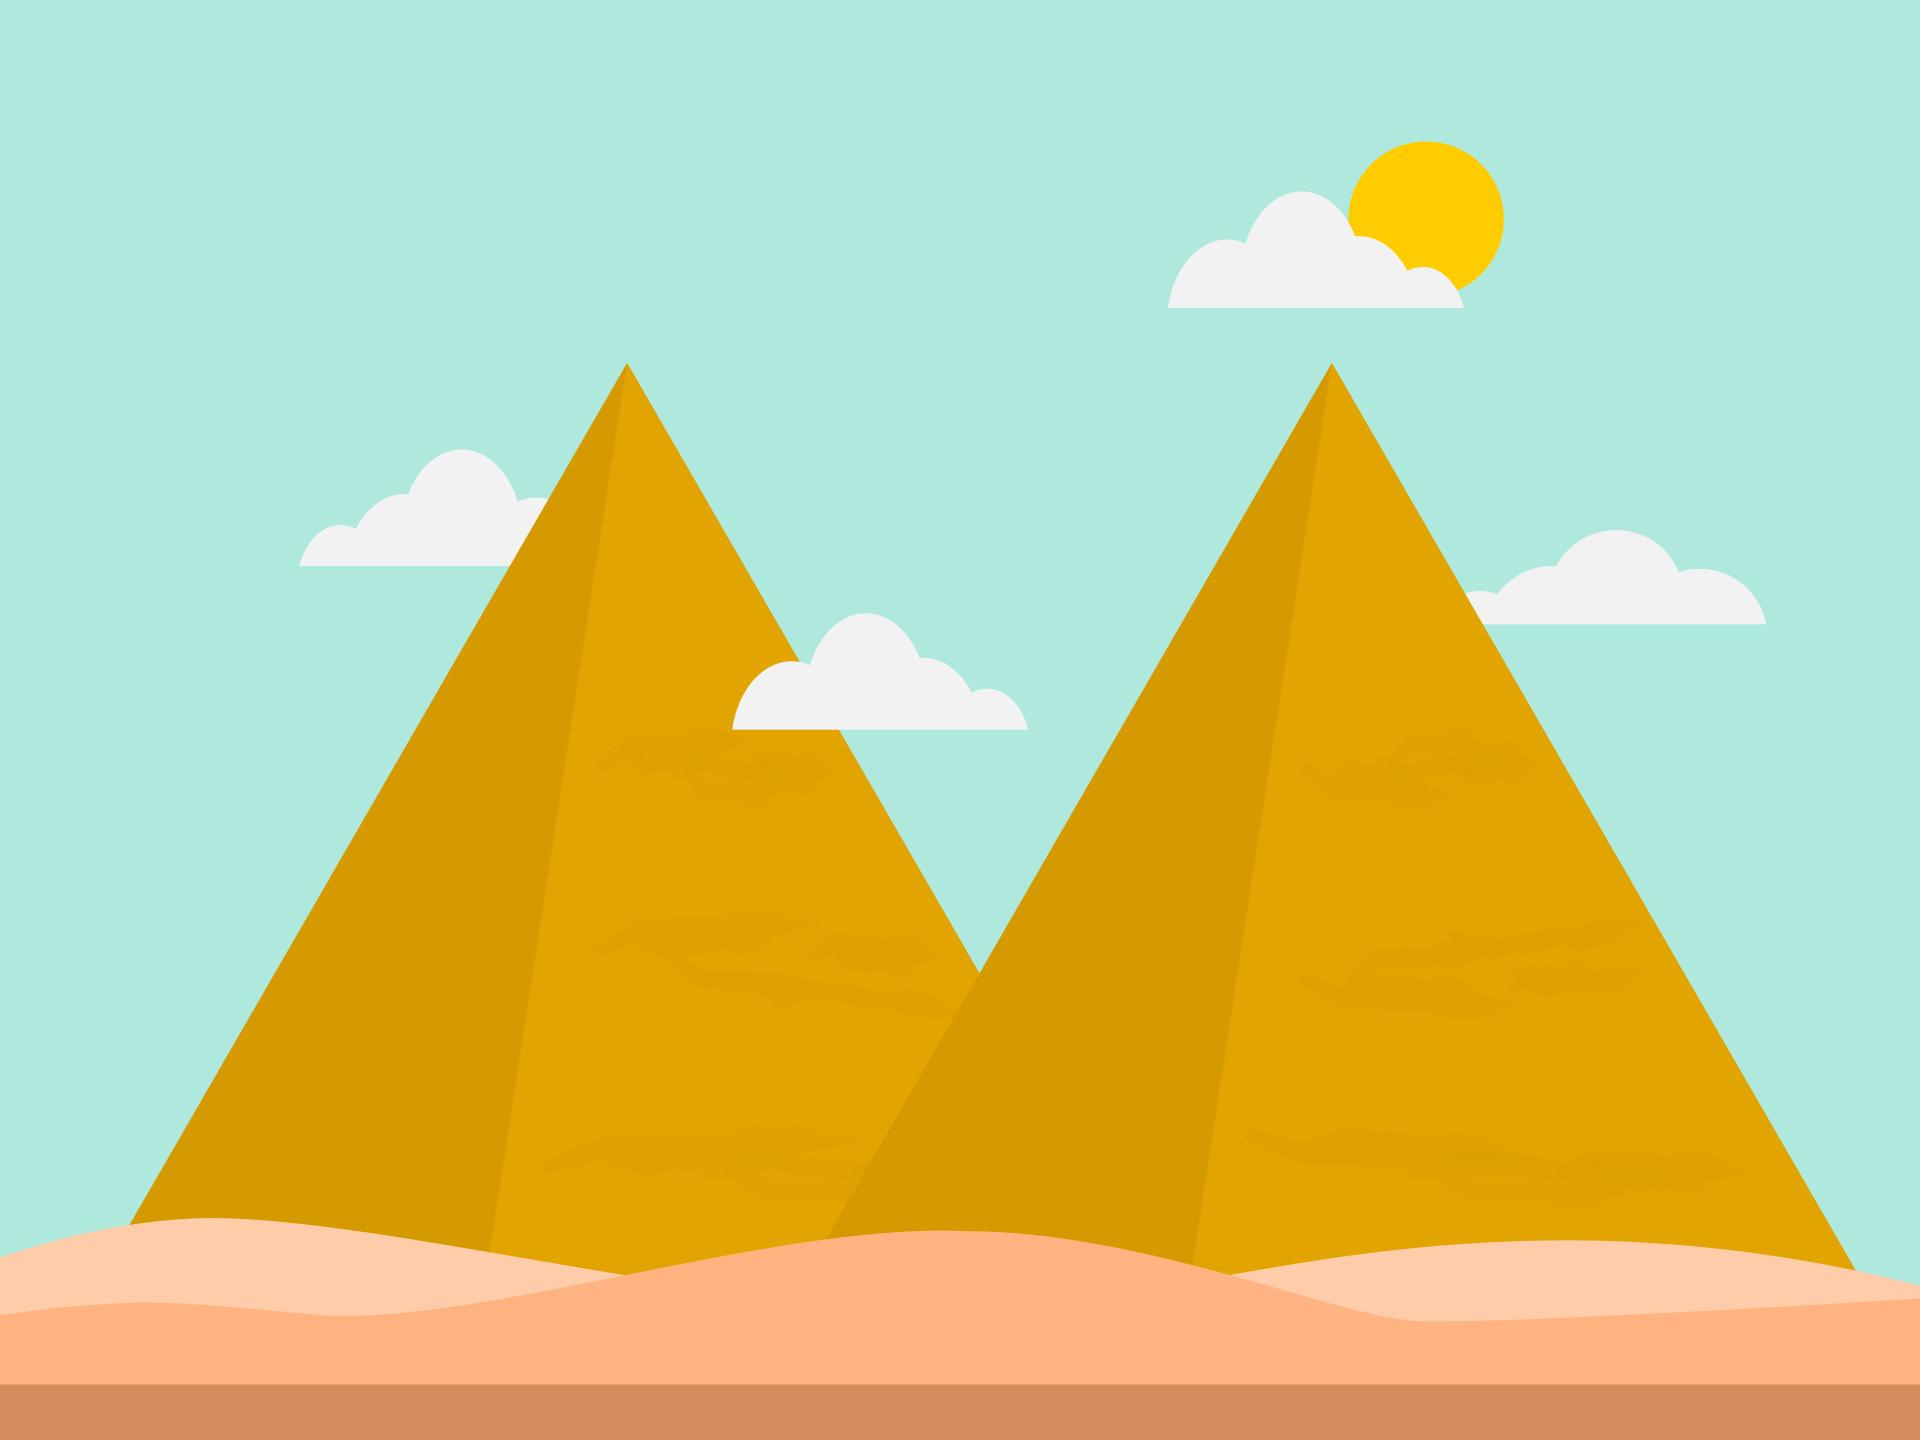 Pirámides, nuages, Sun, Sky, désert, sable - Fonds d'écran HD - Professor-falken.com